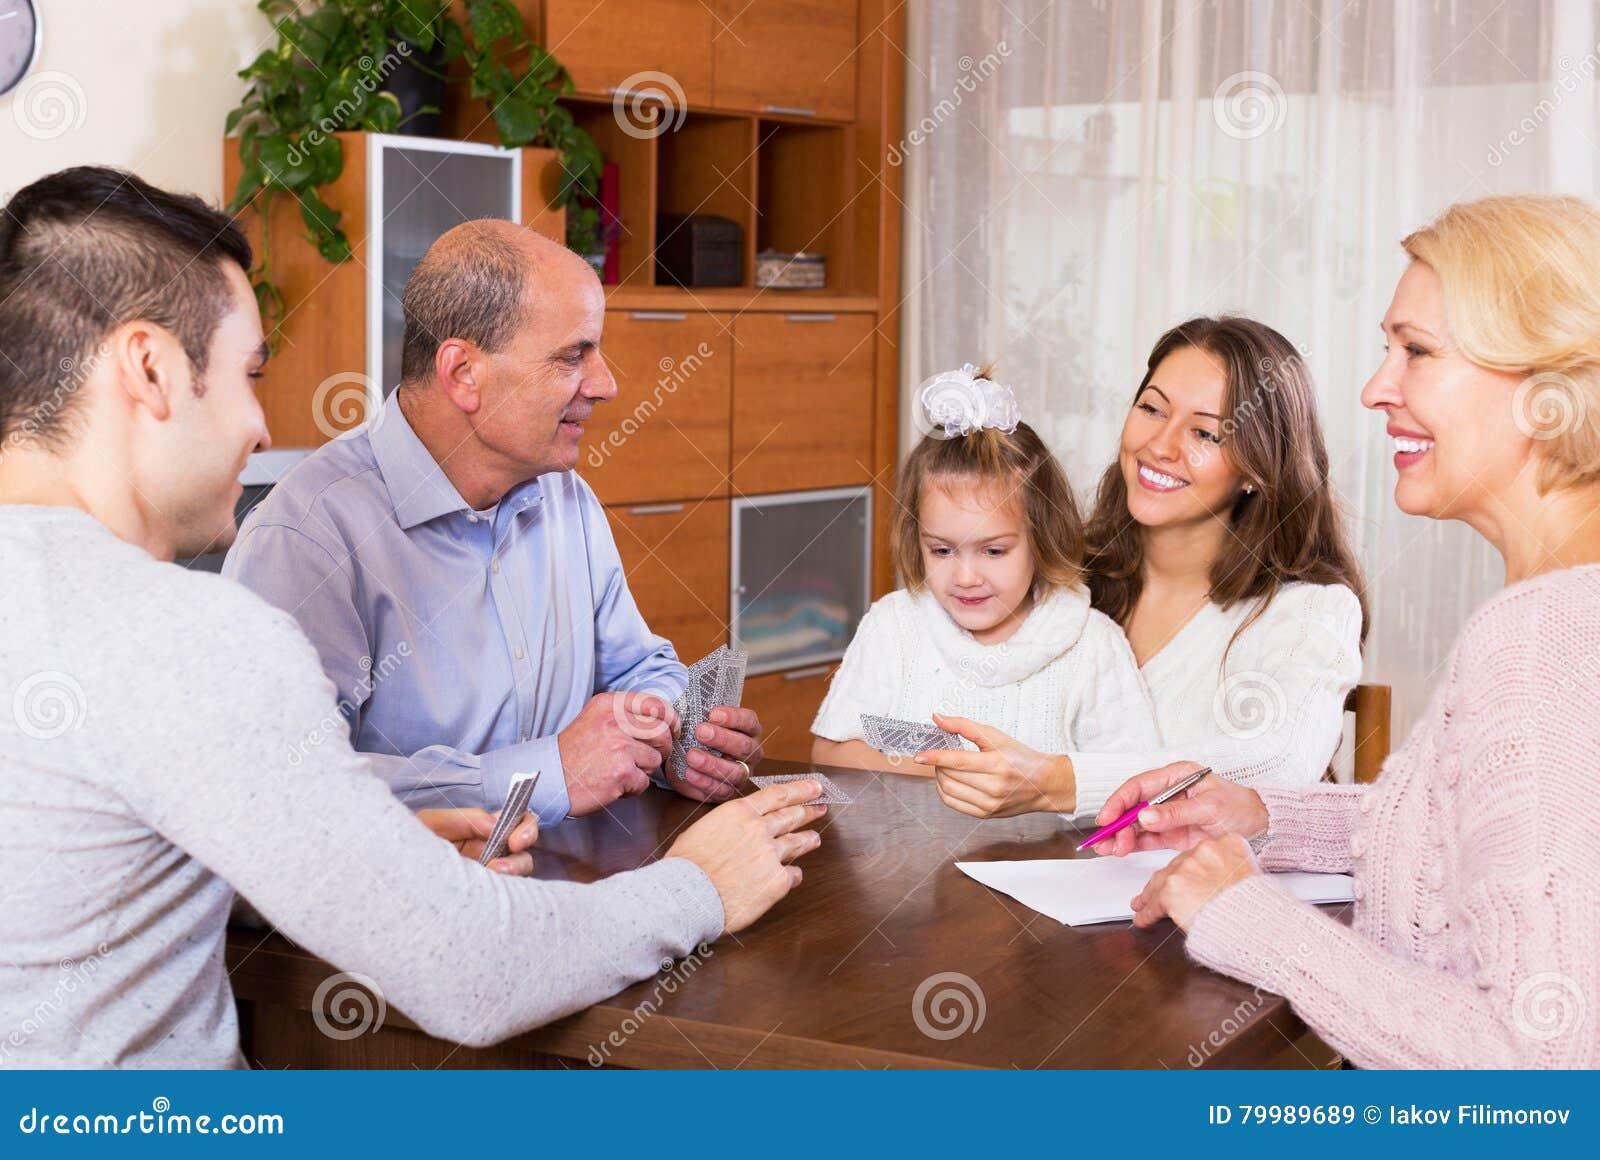 Familiespel in brug